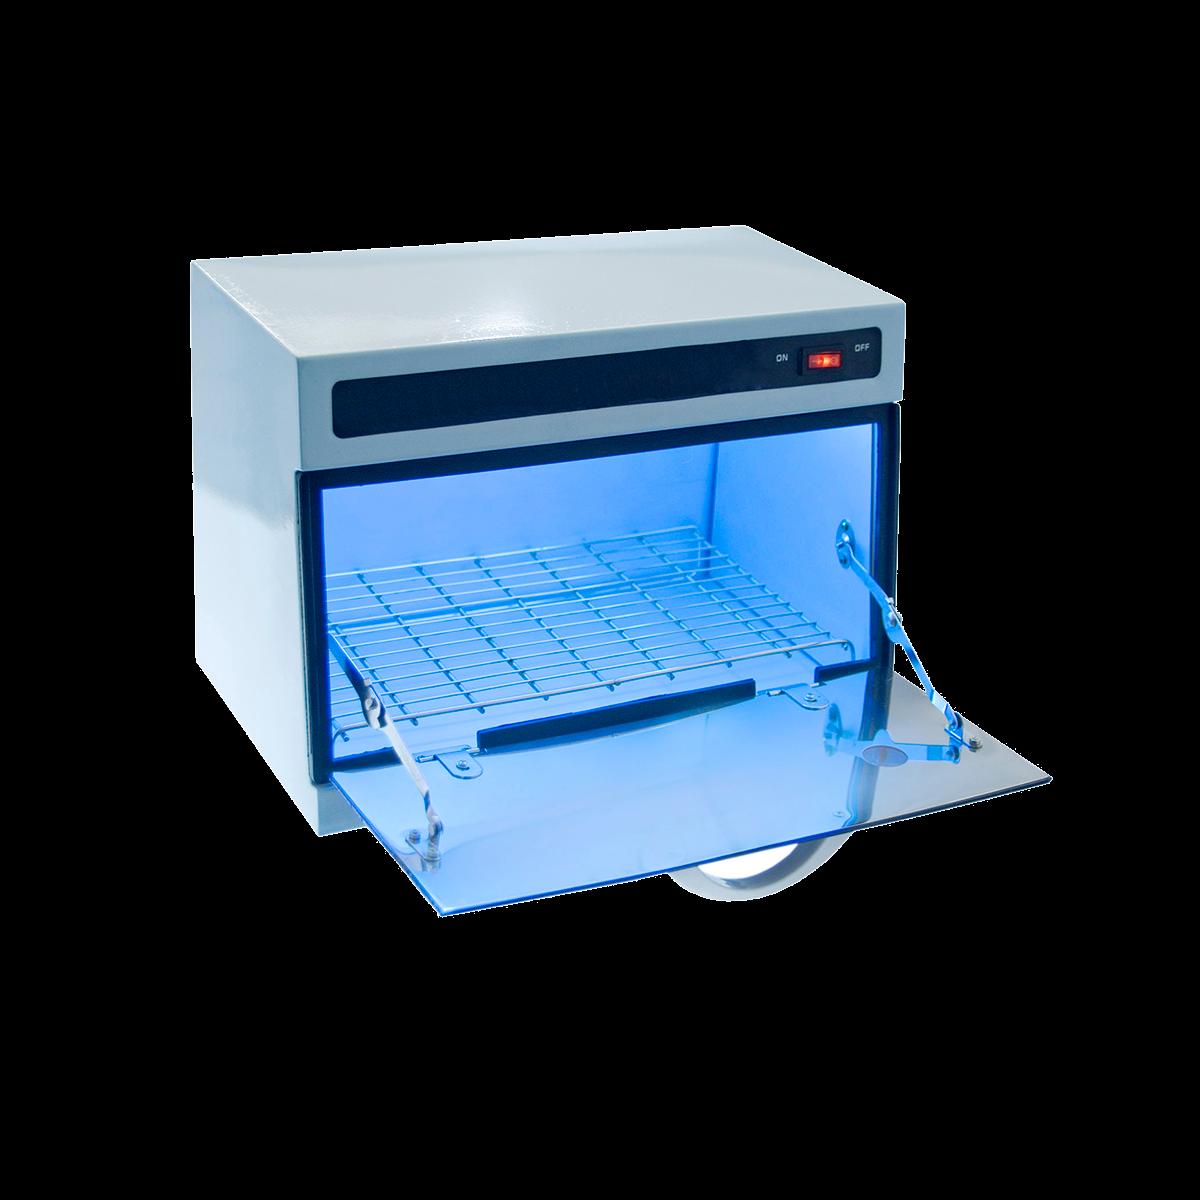 Sterilization cabinets